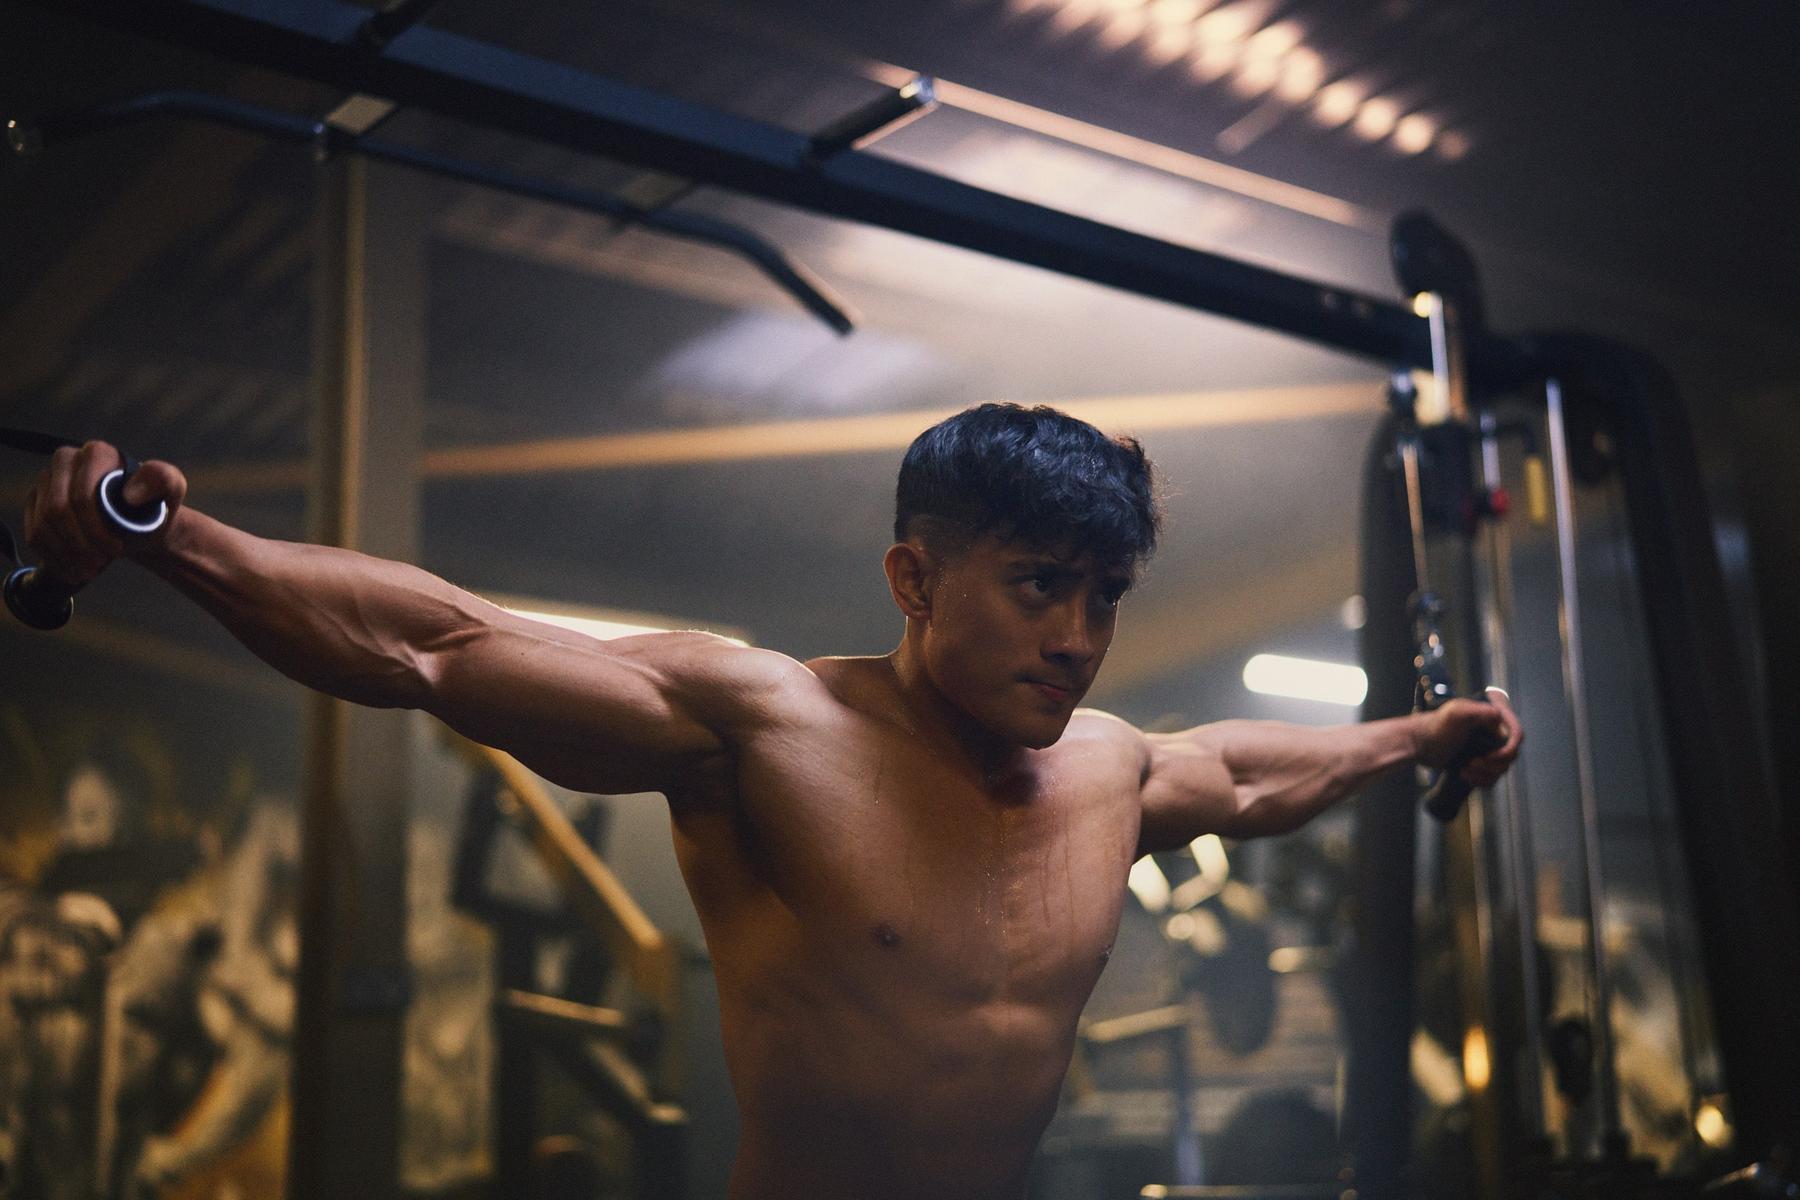 Esercizi a corpo libero: L'allenamento che Potete Eseguire Ovunque